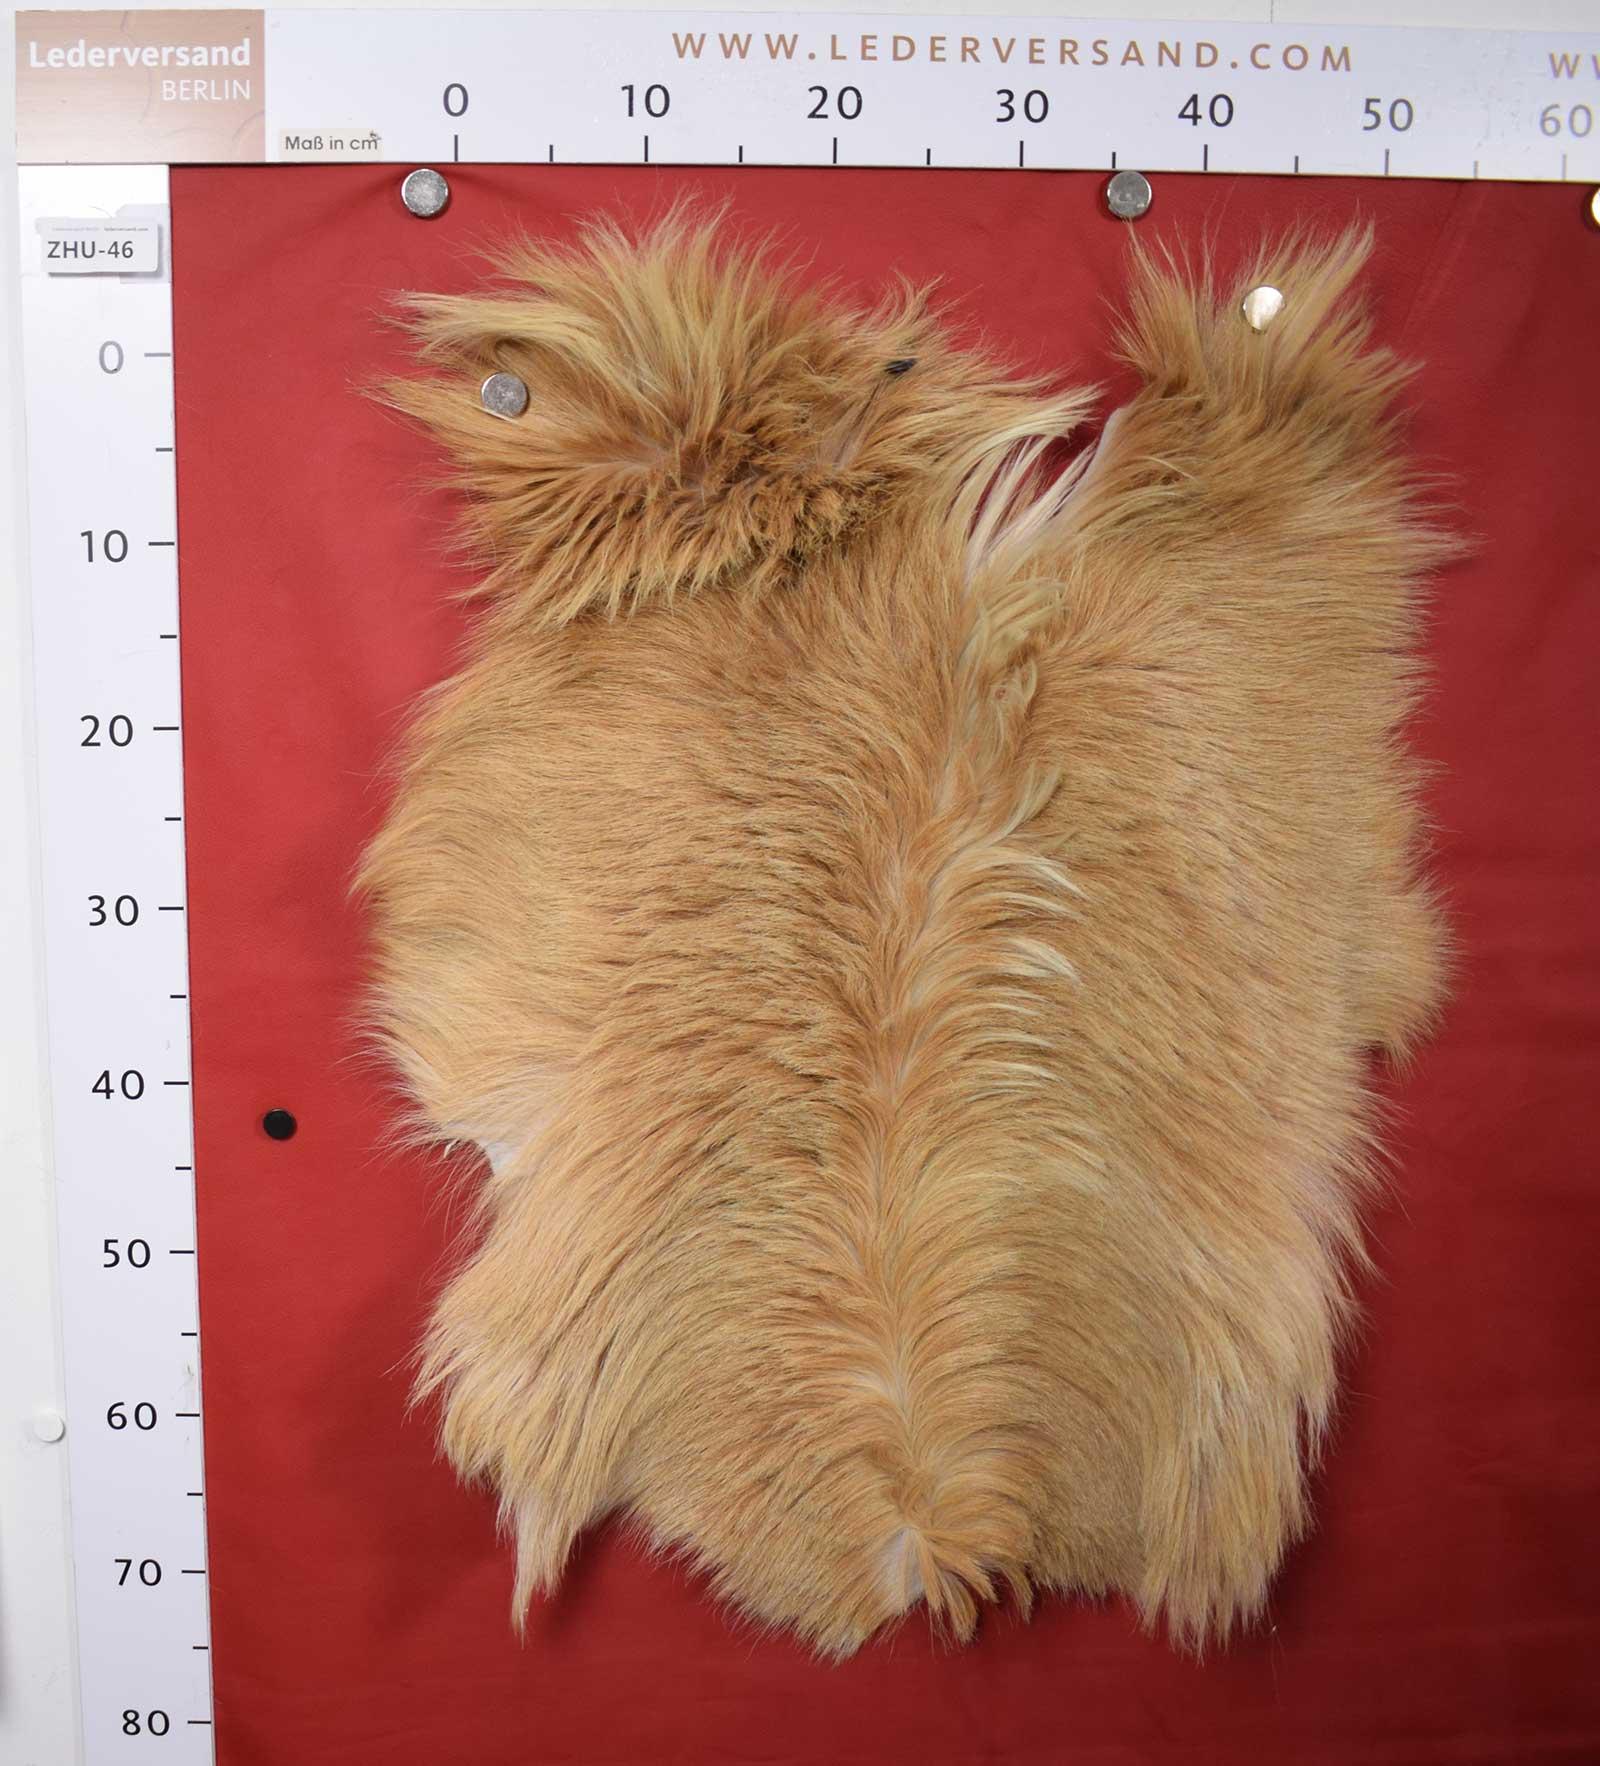 Grosse-Auswahl-Ziegenfelle-traditionell-aus-Siebenbuergen-2-Wahl-Ziegenfell-zhu